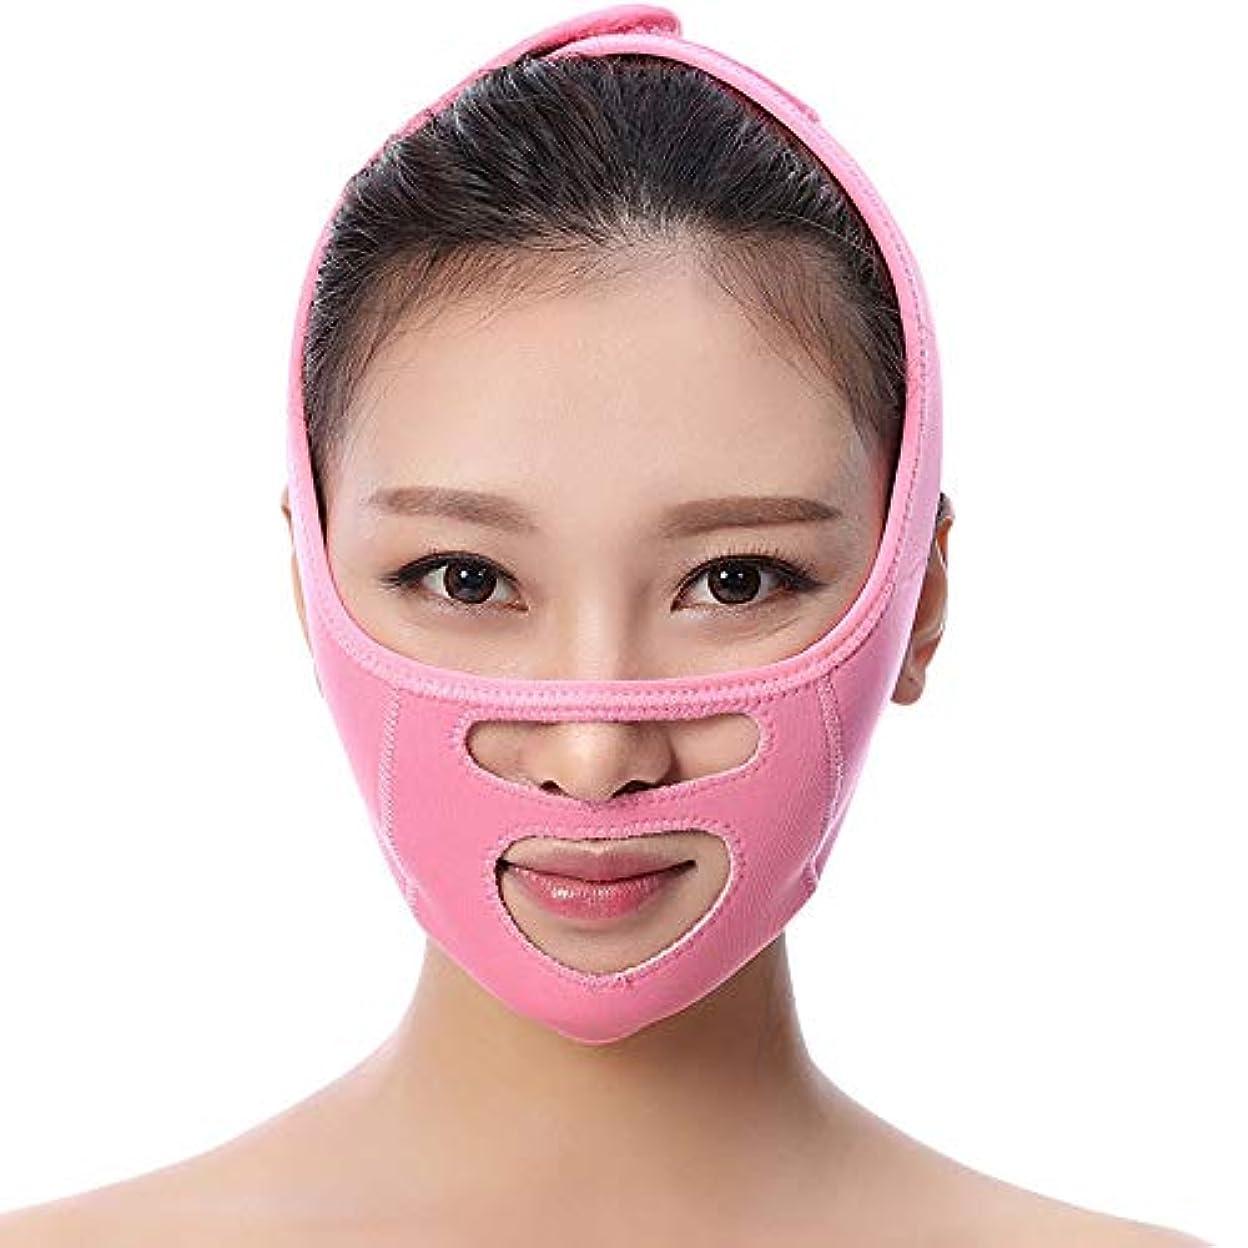 リマークハミングバードアンタゴニストフェイスリフトマスク、薄型フェイスベルトを眠らせる/フェイスフェイスリフトアーチファクト(ブルー/ピンク)を令状にするために美容フェイスリフト包帯を強化,Pink